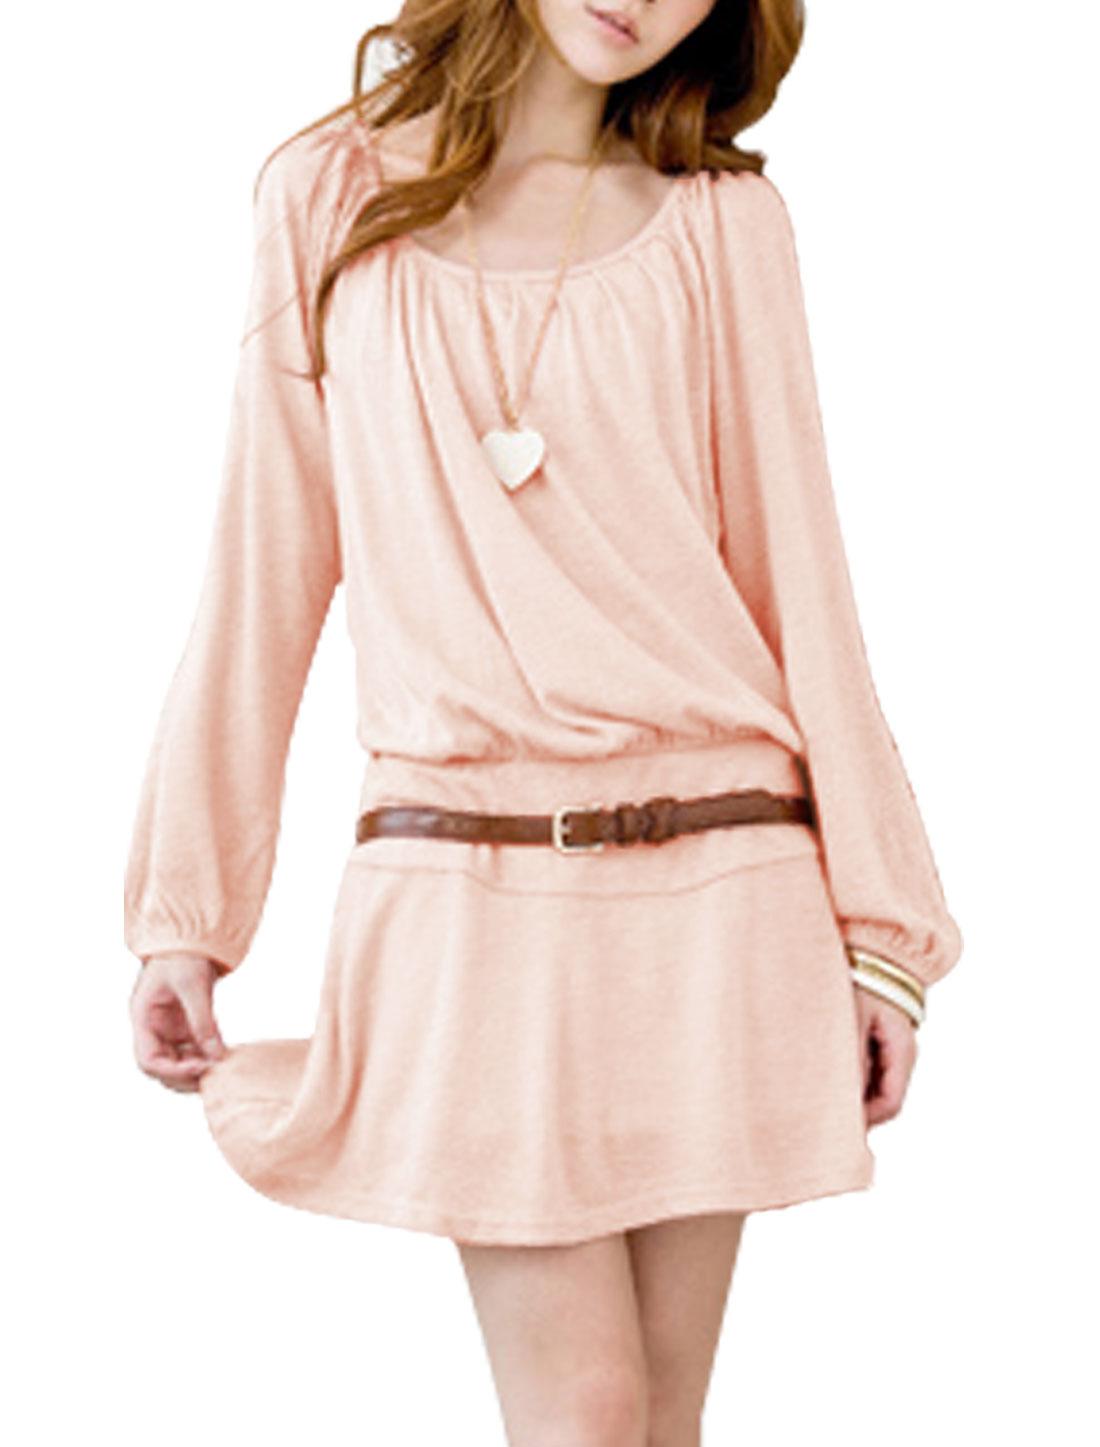 Women Stretchy Waist Scoop Neck Sweet Dress w Belt Light Pink M